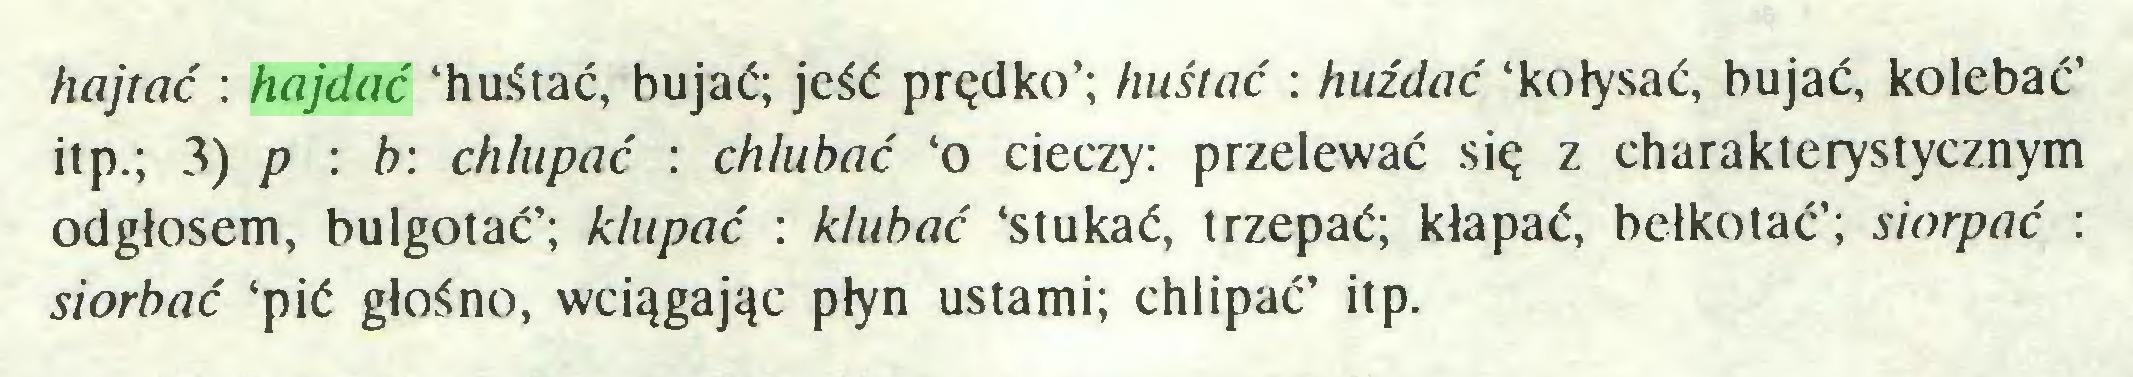 (...) hajtać : hajdać 'huśtać, bujać; jeść prędko'; huśtać : huźdać 'kołysać, bujać, kolebać' itp.; 3) p : b: chlupać : chlubać 'o cieczy: przelewać się z charakterystycznym odgłosem, bulgotać'; klupać : klubać 'stukać, trzepać; kłapać, bełkotać'; siorpać : siorbać 'pić głośno, wciągając płyn ustami; chlipać' itp...